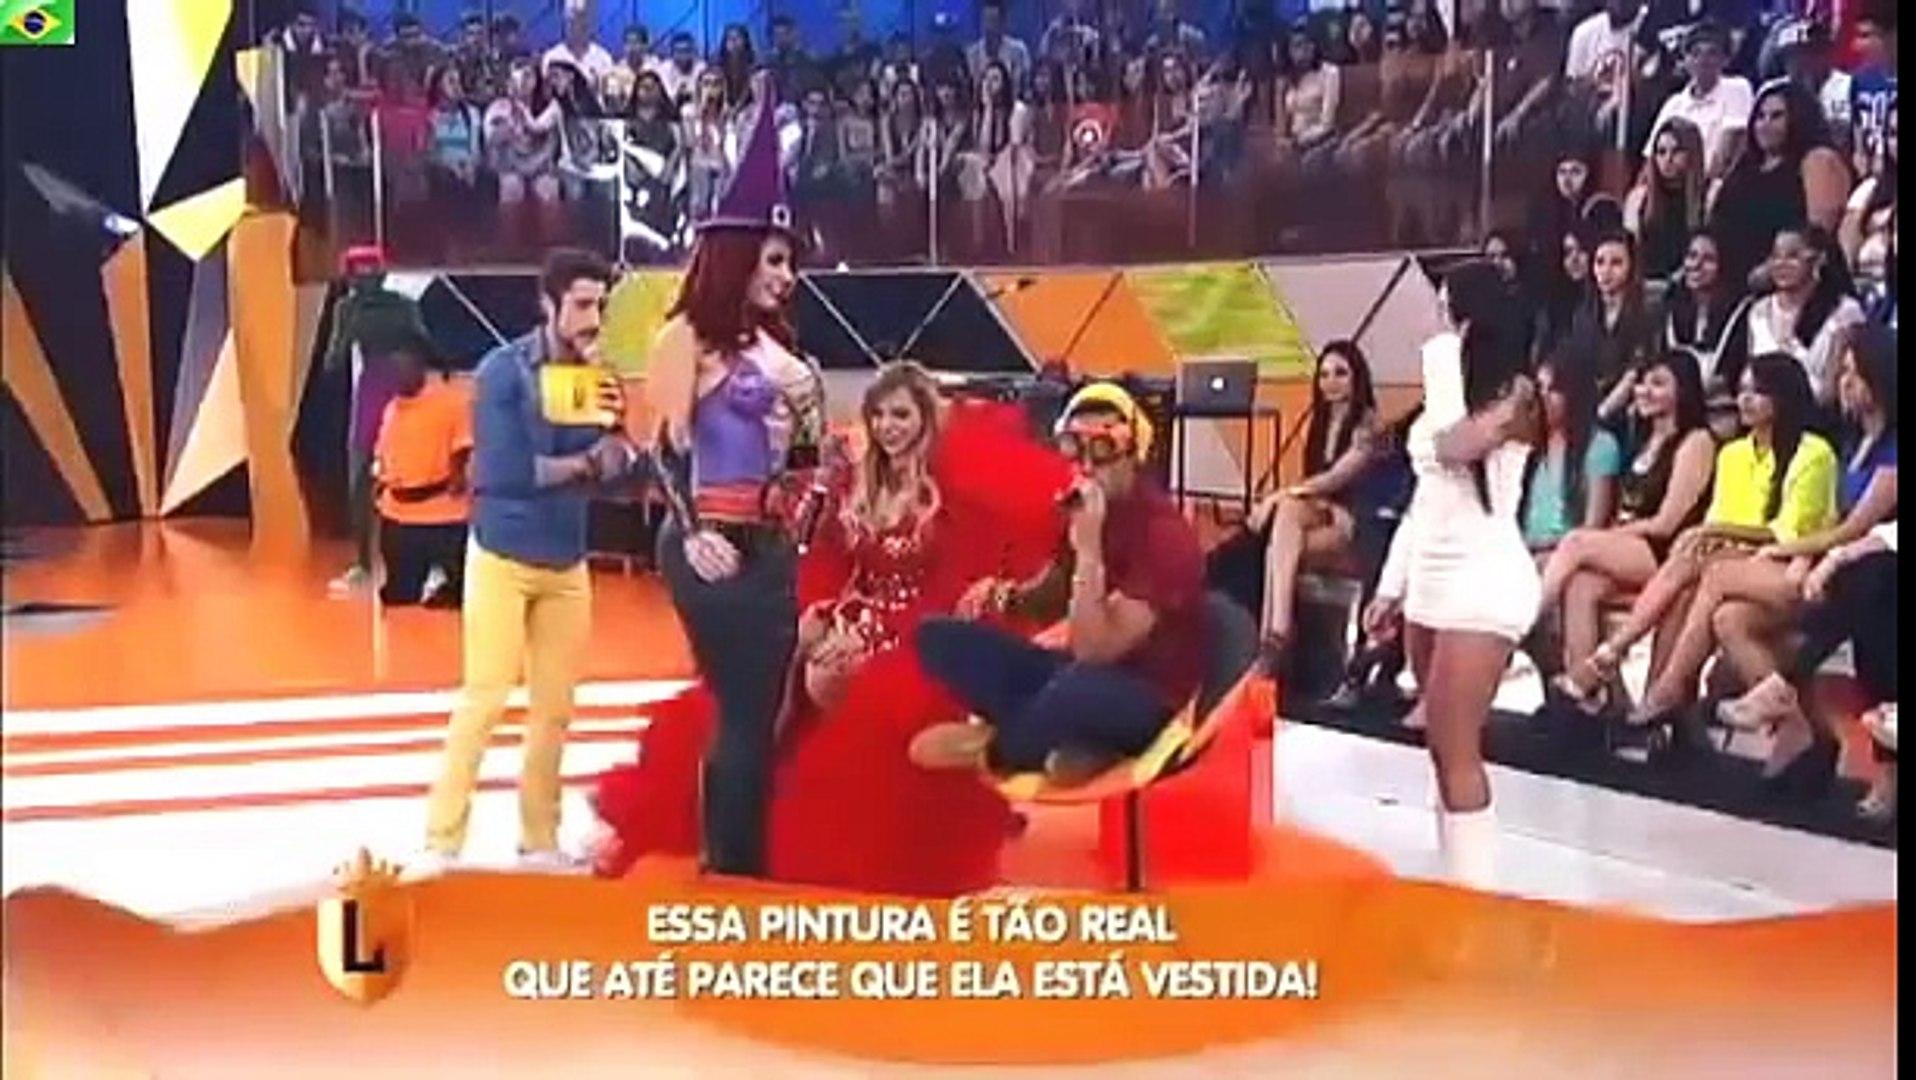 Brazilian woman prank big ass Big Ass Brazilian Tv Show Halloween 2013 Video Dailymotion